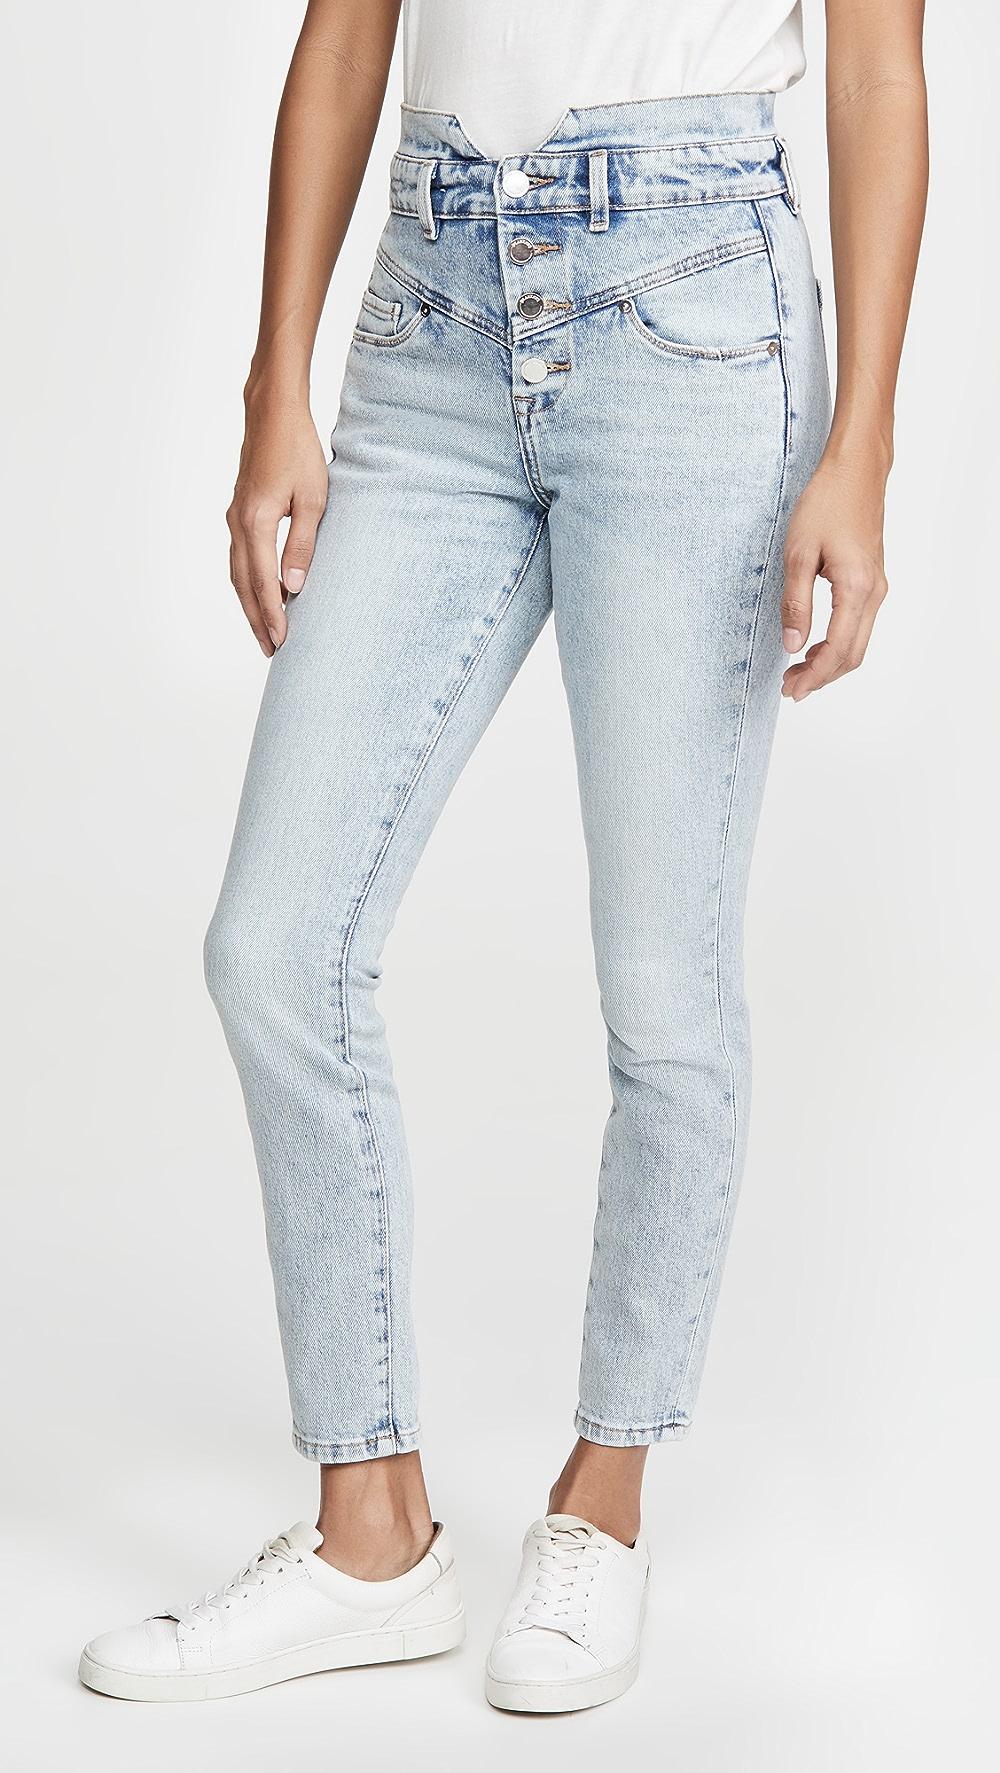 2019 Latest Design Blank Denim - Hard Feelings Jeans Complete Range Of Articles